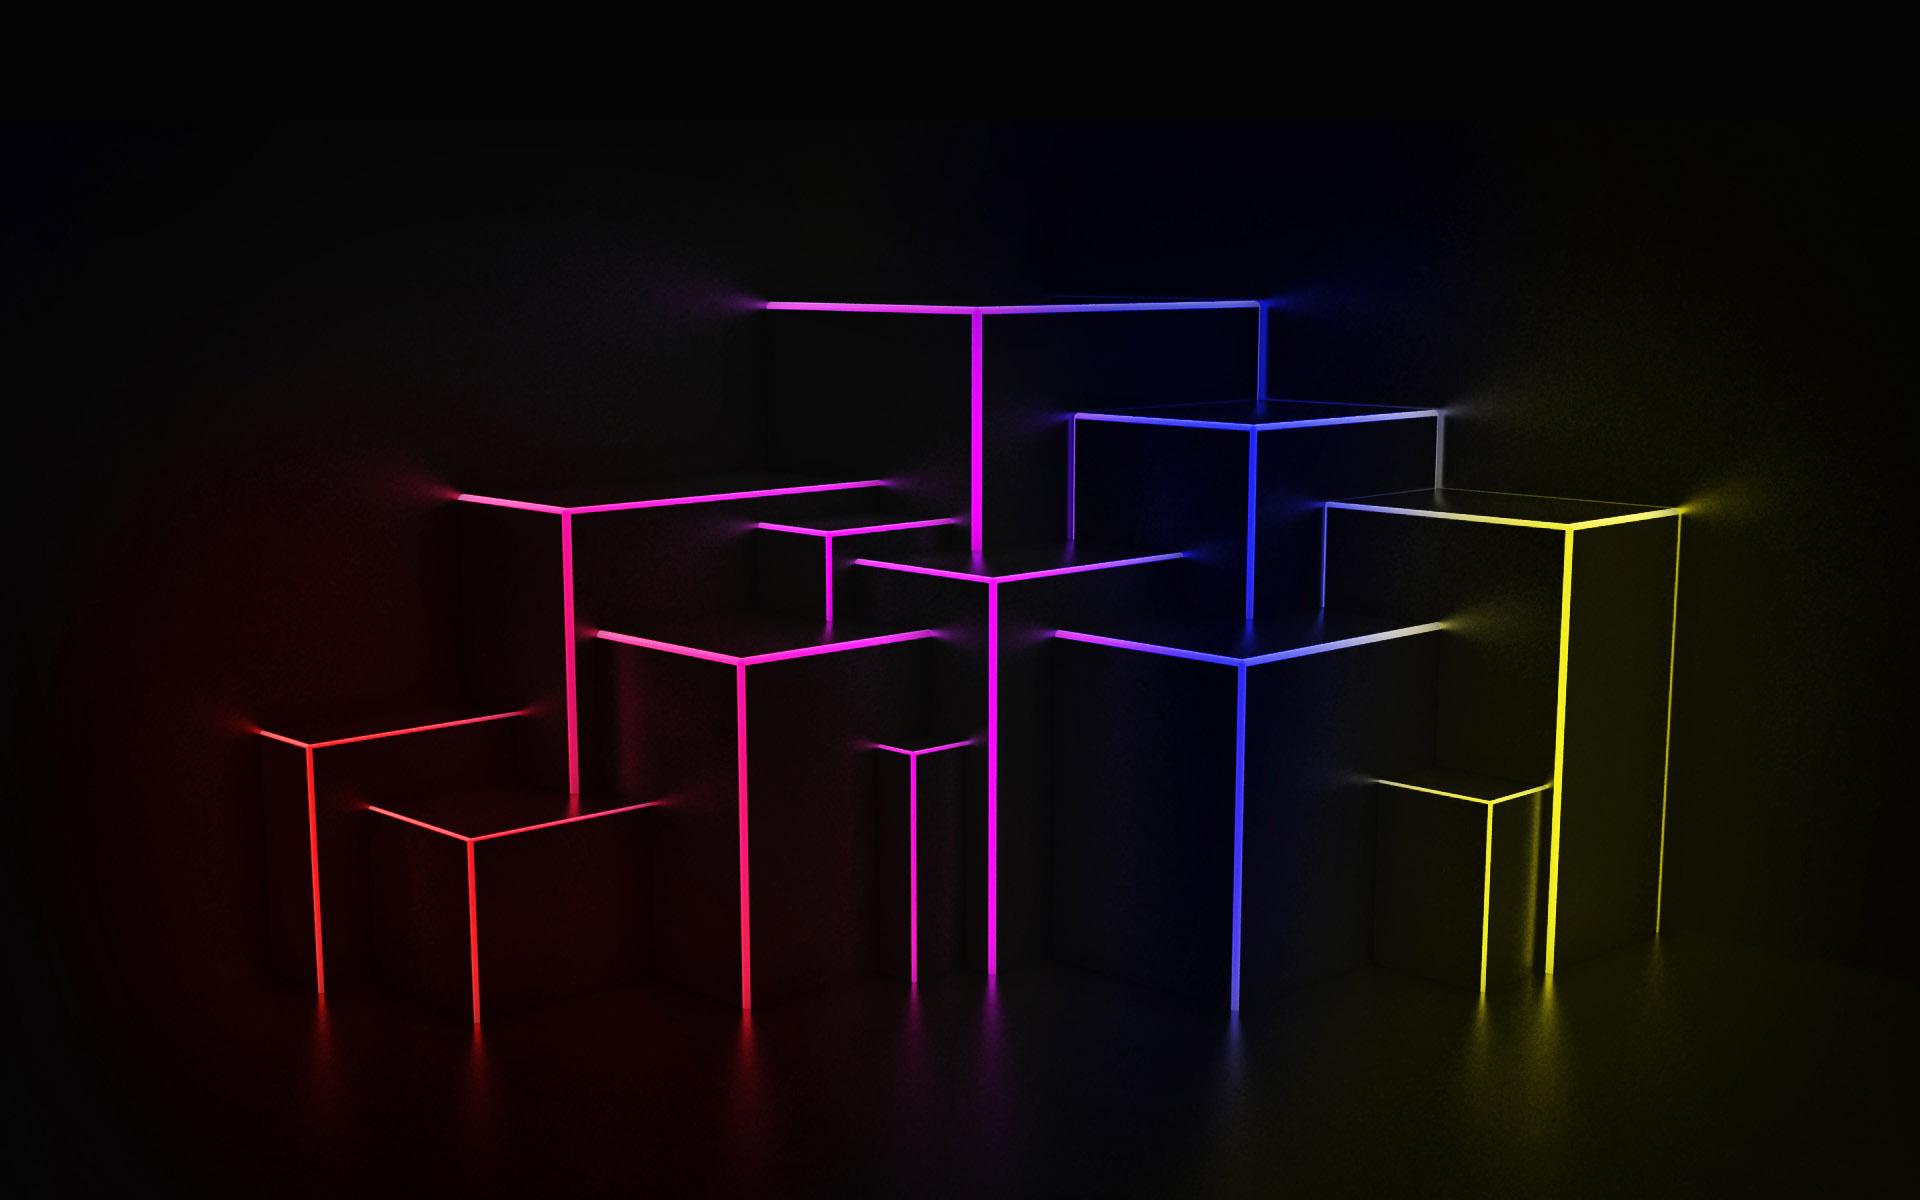 Фигуры свет цвета  № 3528358 без смс